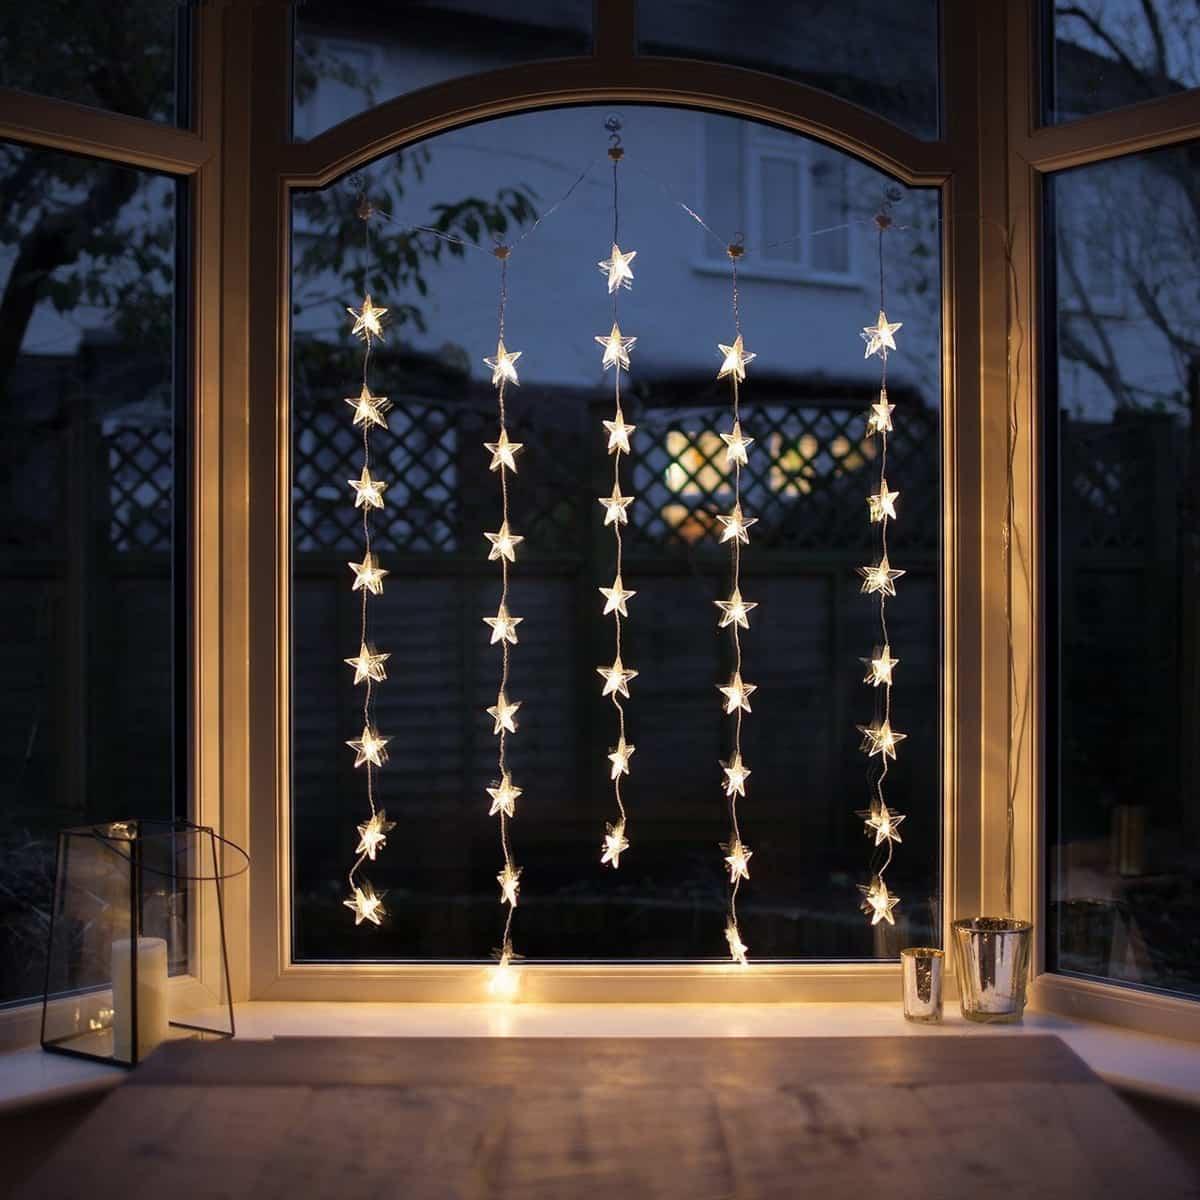 como iluminar la casa en navidad 11